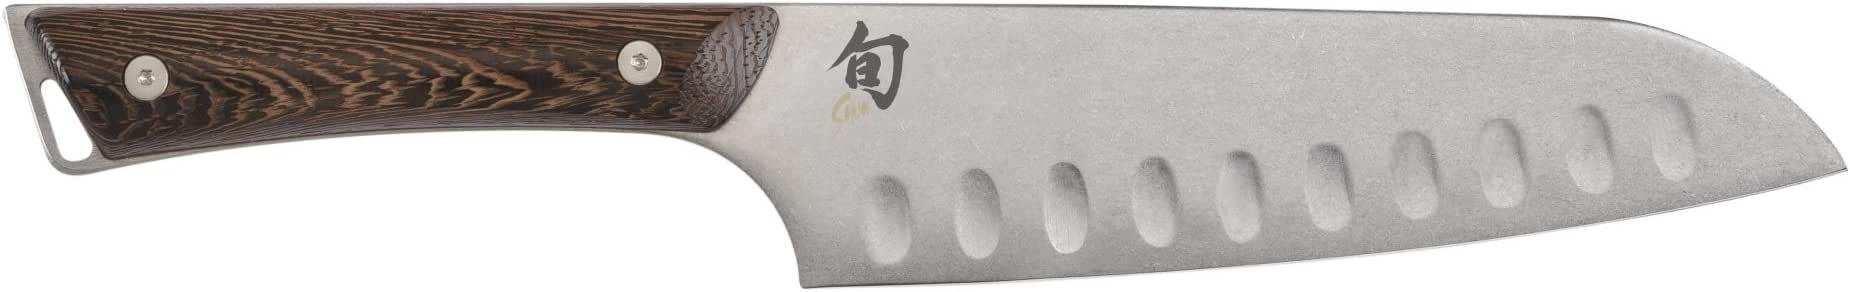 日本贝印 Shun 旬 Kanso 主厨刀/厨师刀 SWT0718 17.8cm刀身